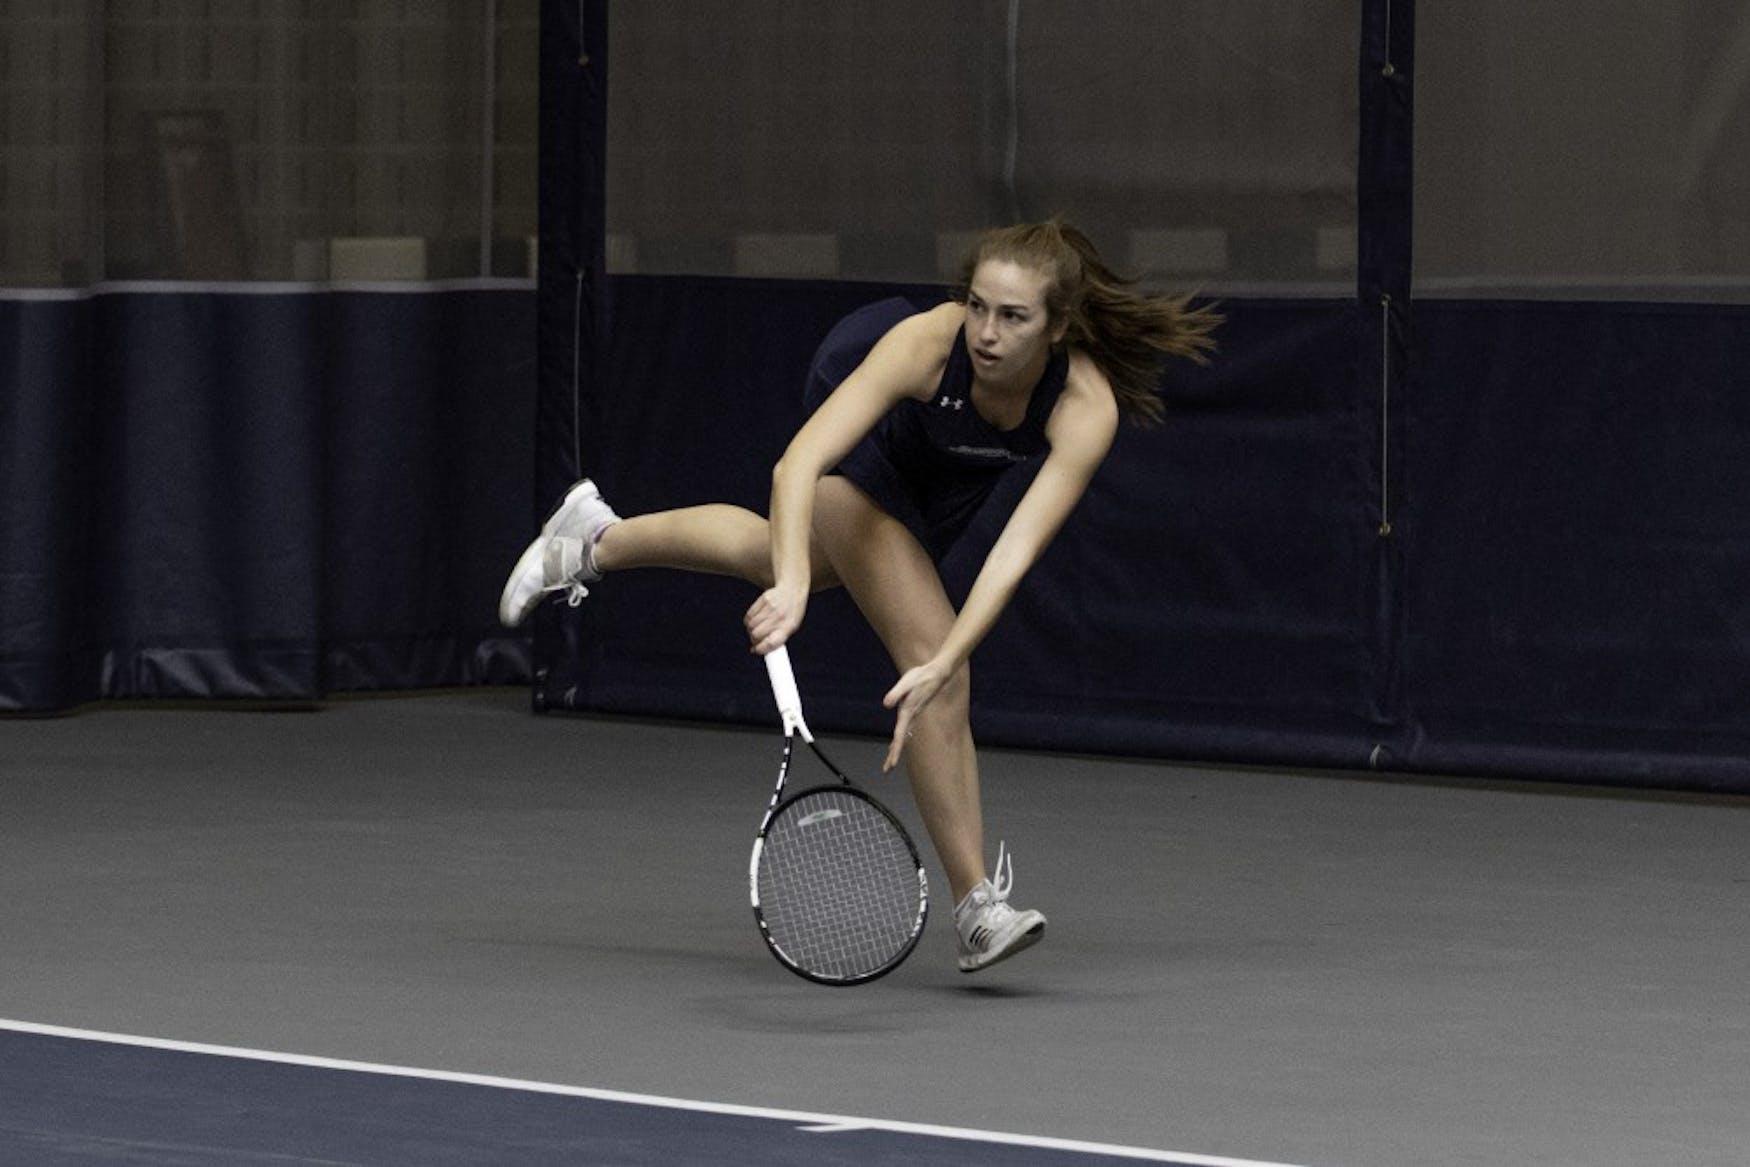 Tennis W. vs MIT 3.9.19 ZB 0011.jpg